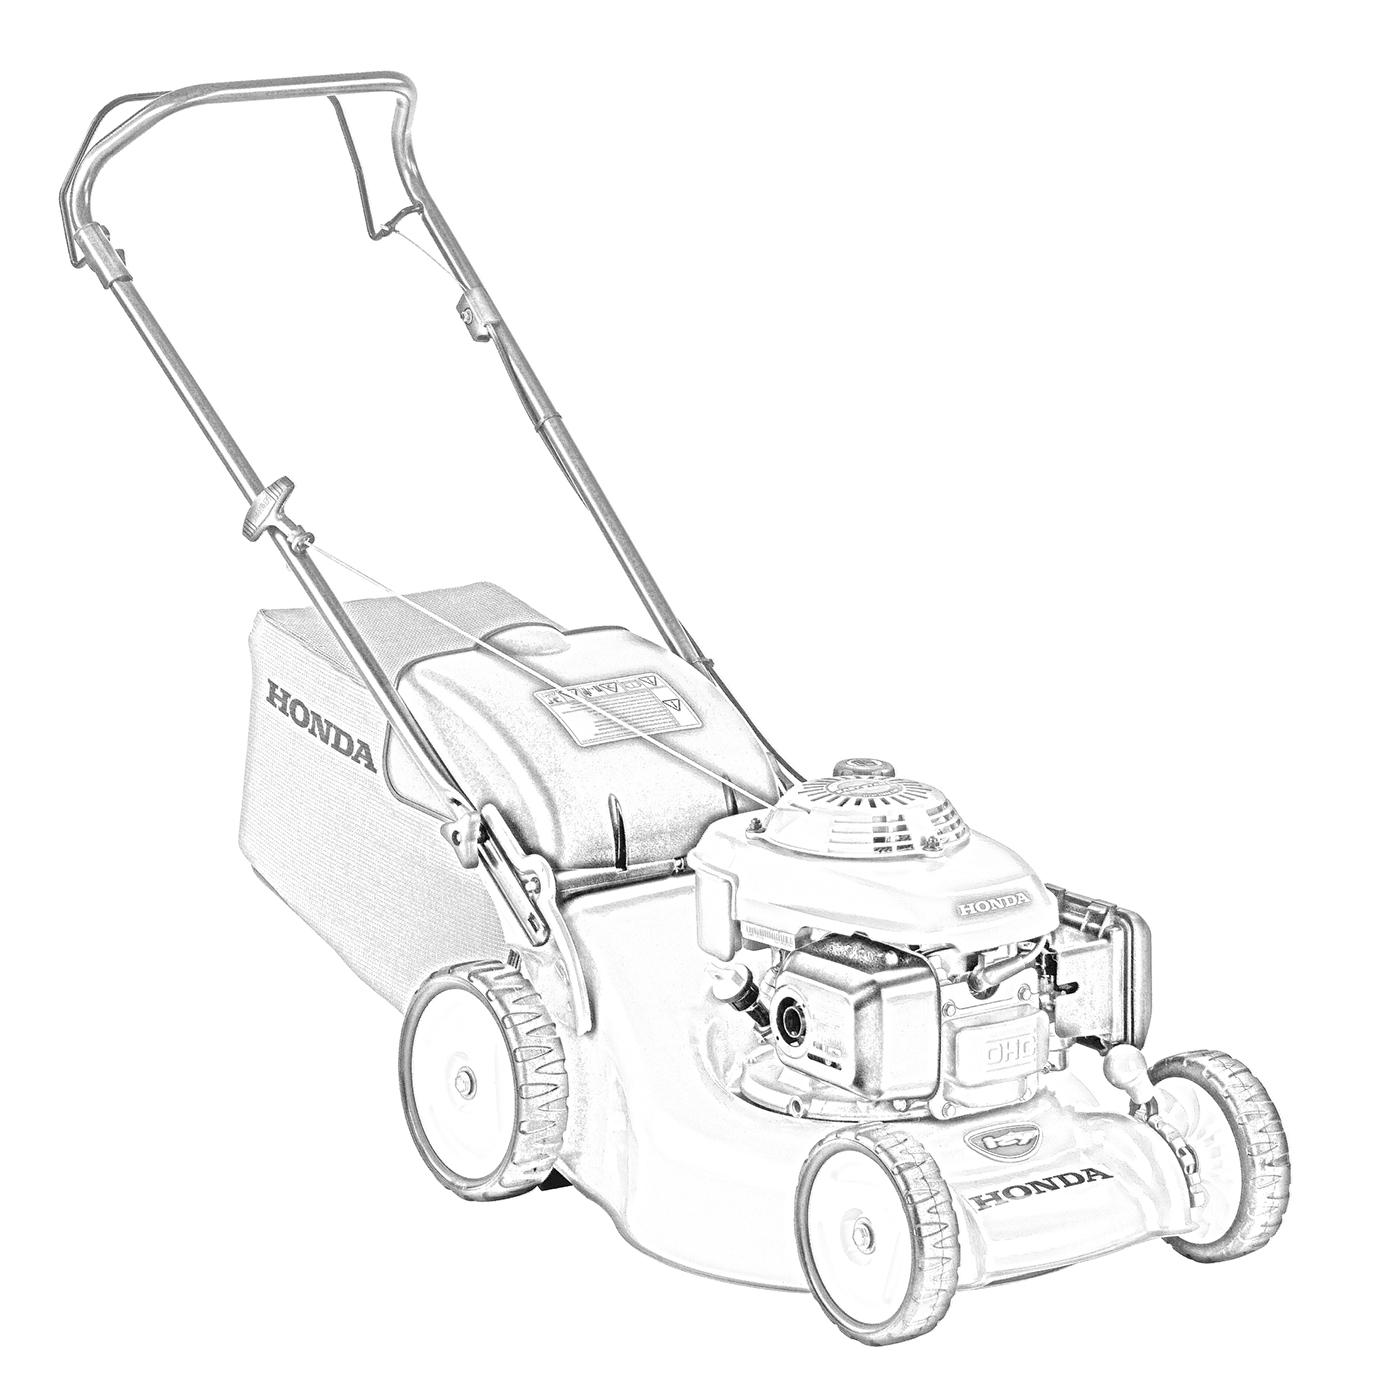 Lawnmower Drawing At Getdrawings